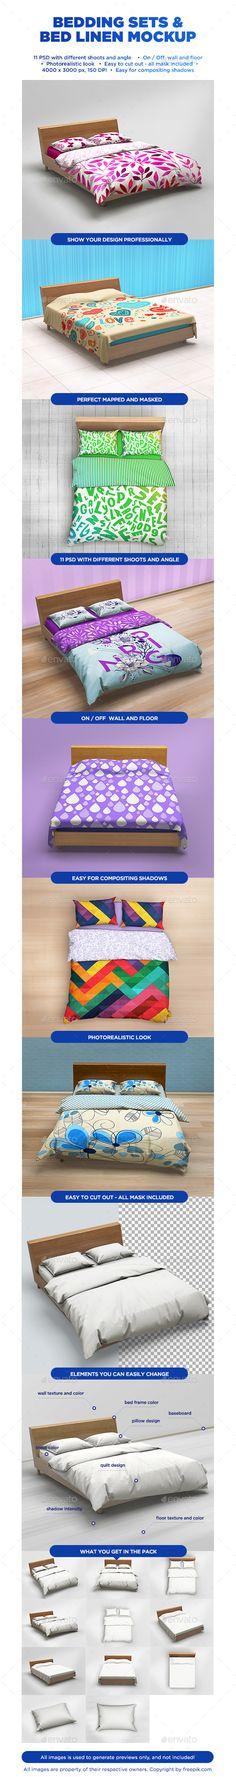 Bedding Sets & Bed Linen Mockup - Product Mock-Ups #mockups #homedecor #designdisplay